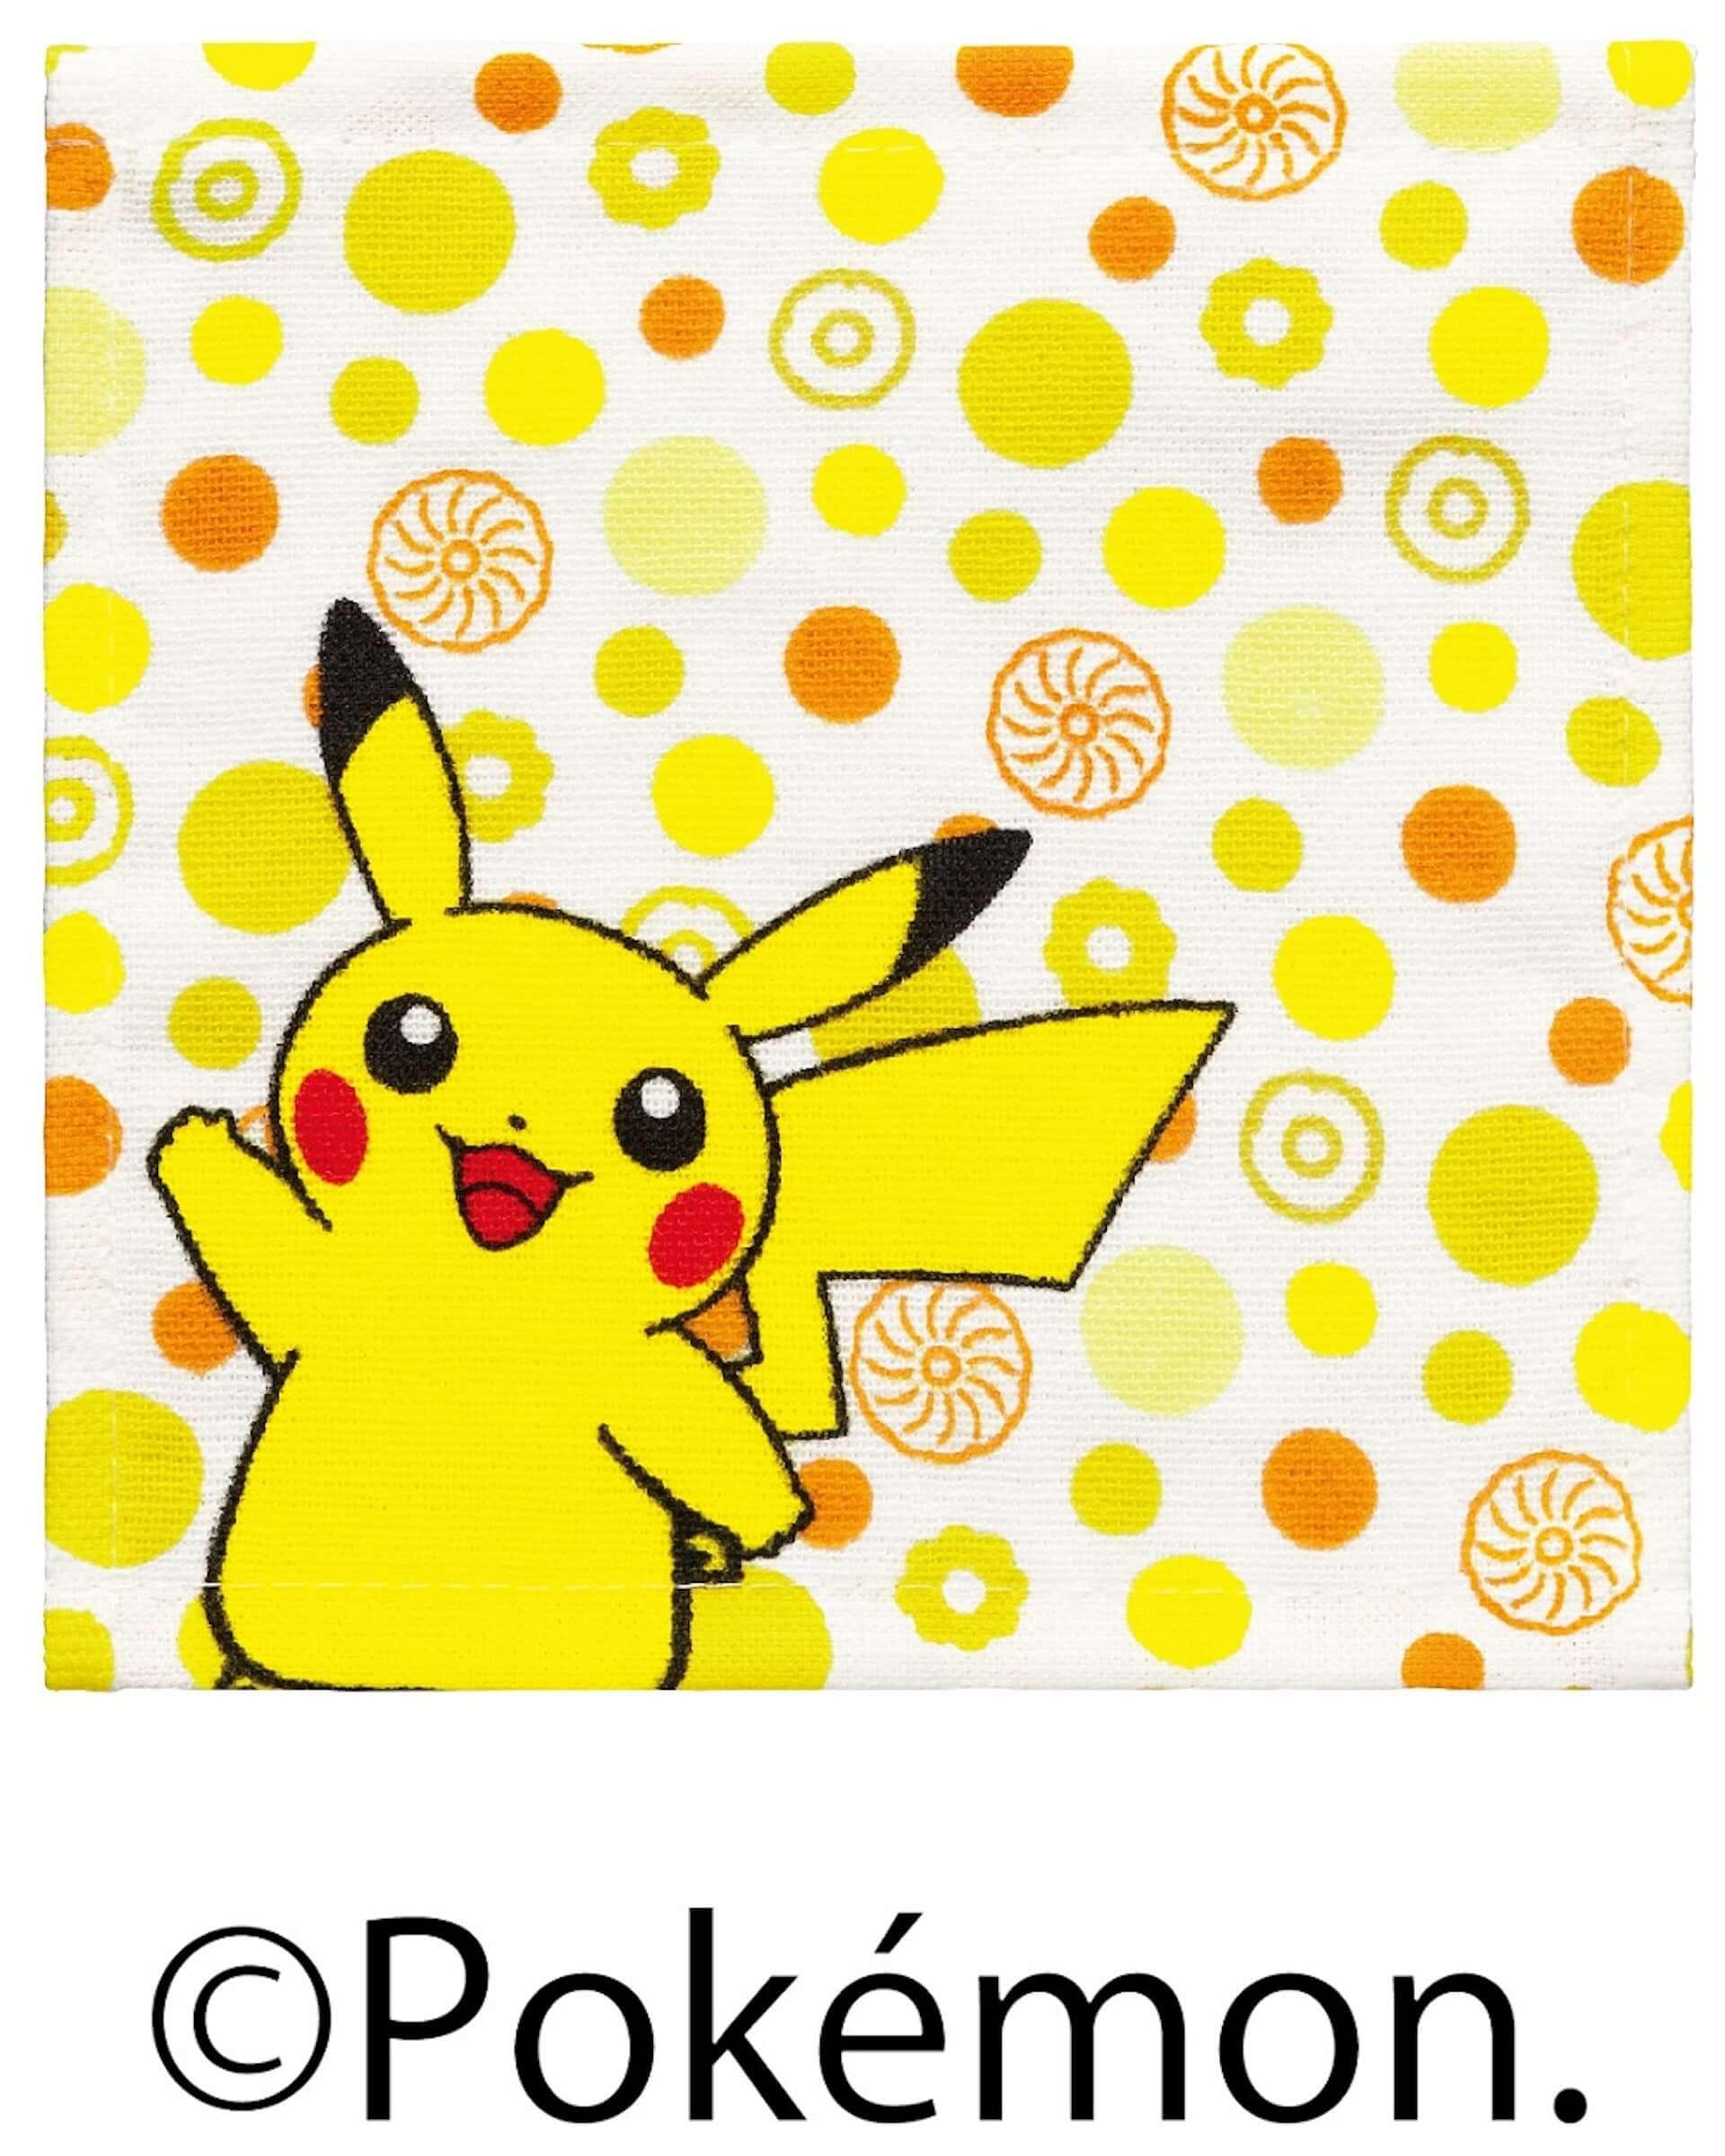 ミスタードーナツの『ポケモン キッズセット』に数量限定の新グッズ・タオルハンカチが登場!デザインはピカチュウ、ラビフットなど4種展開 art201216_misterdonut-pokemon_4-1920x2400